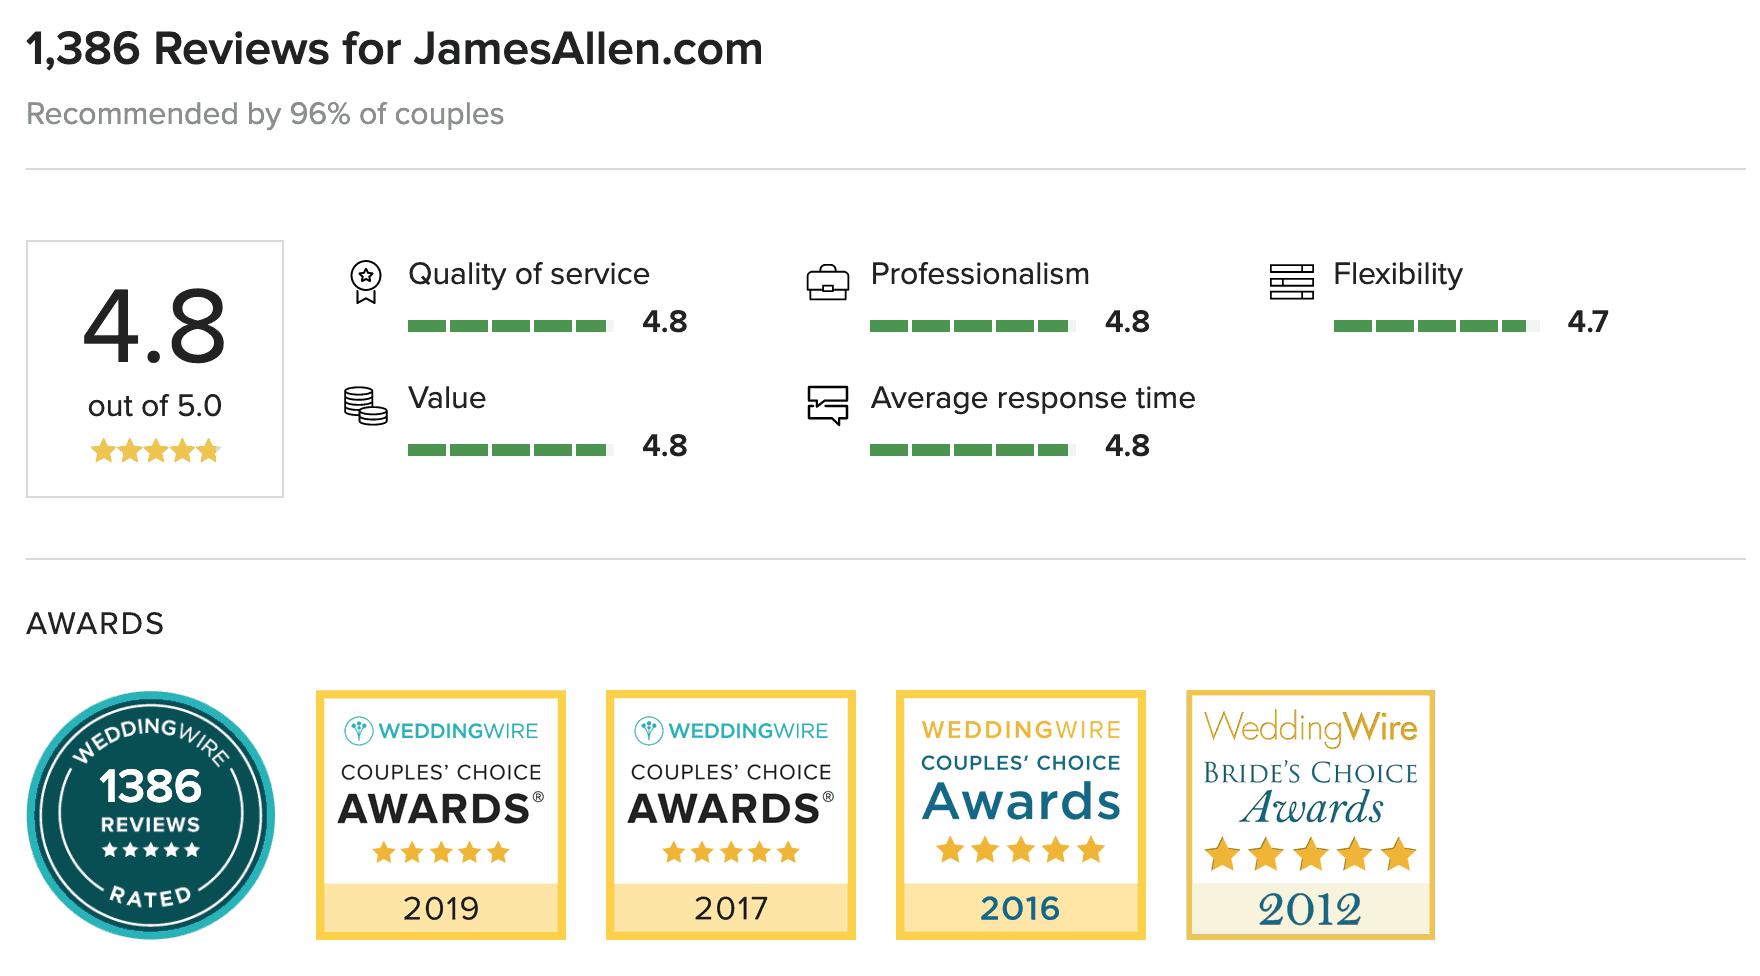 James Allen Wedding Wire awards